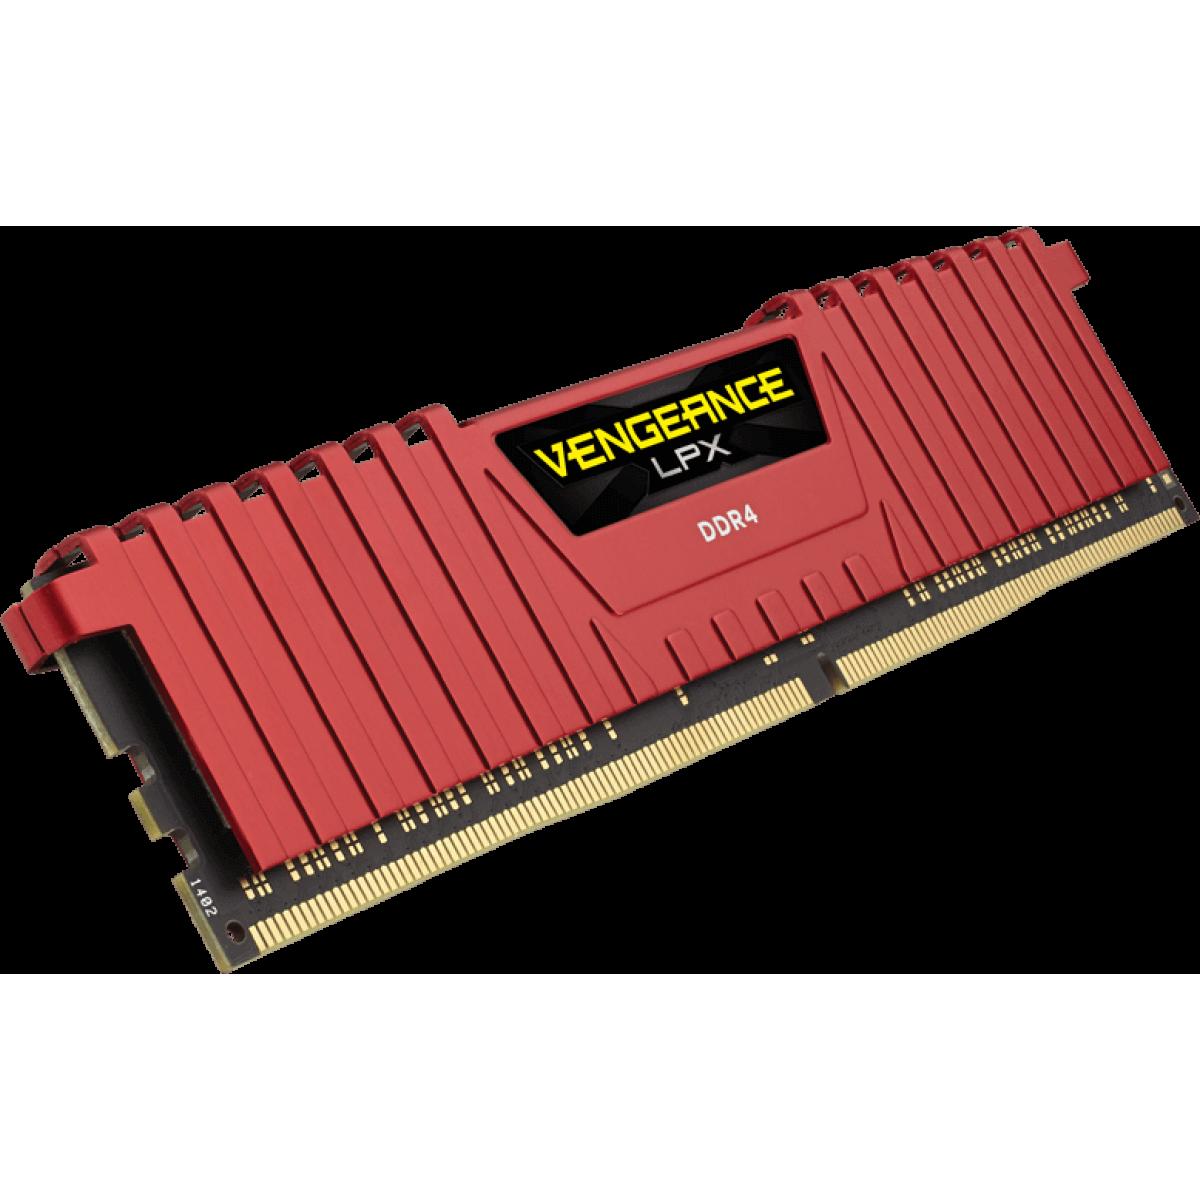 Memória DDR4 Corsair Vengeance LPX, 8GB 2400MHz, CMK8GX4M1A2400C16R